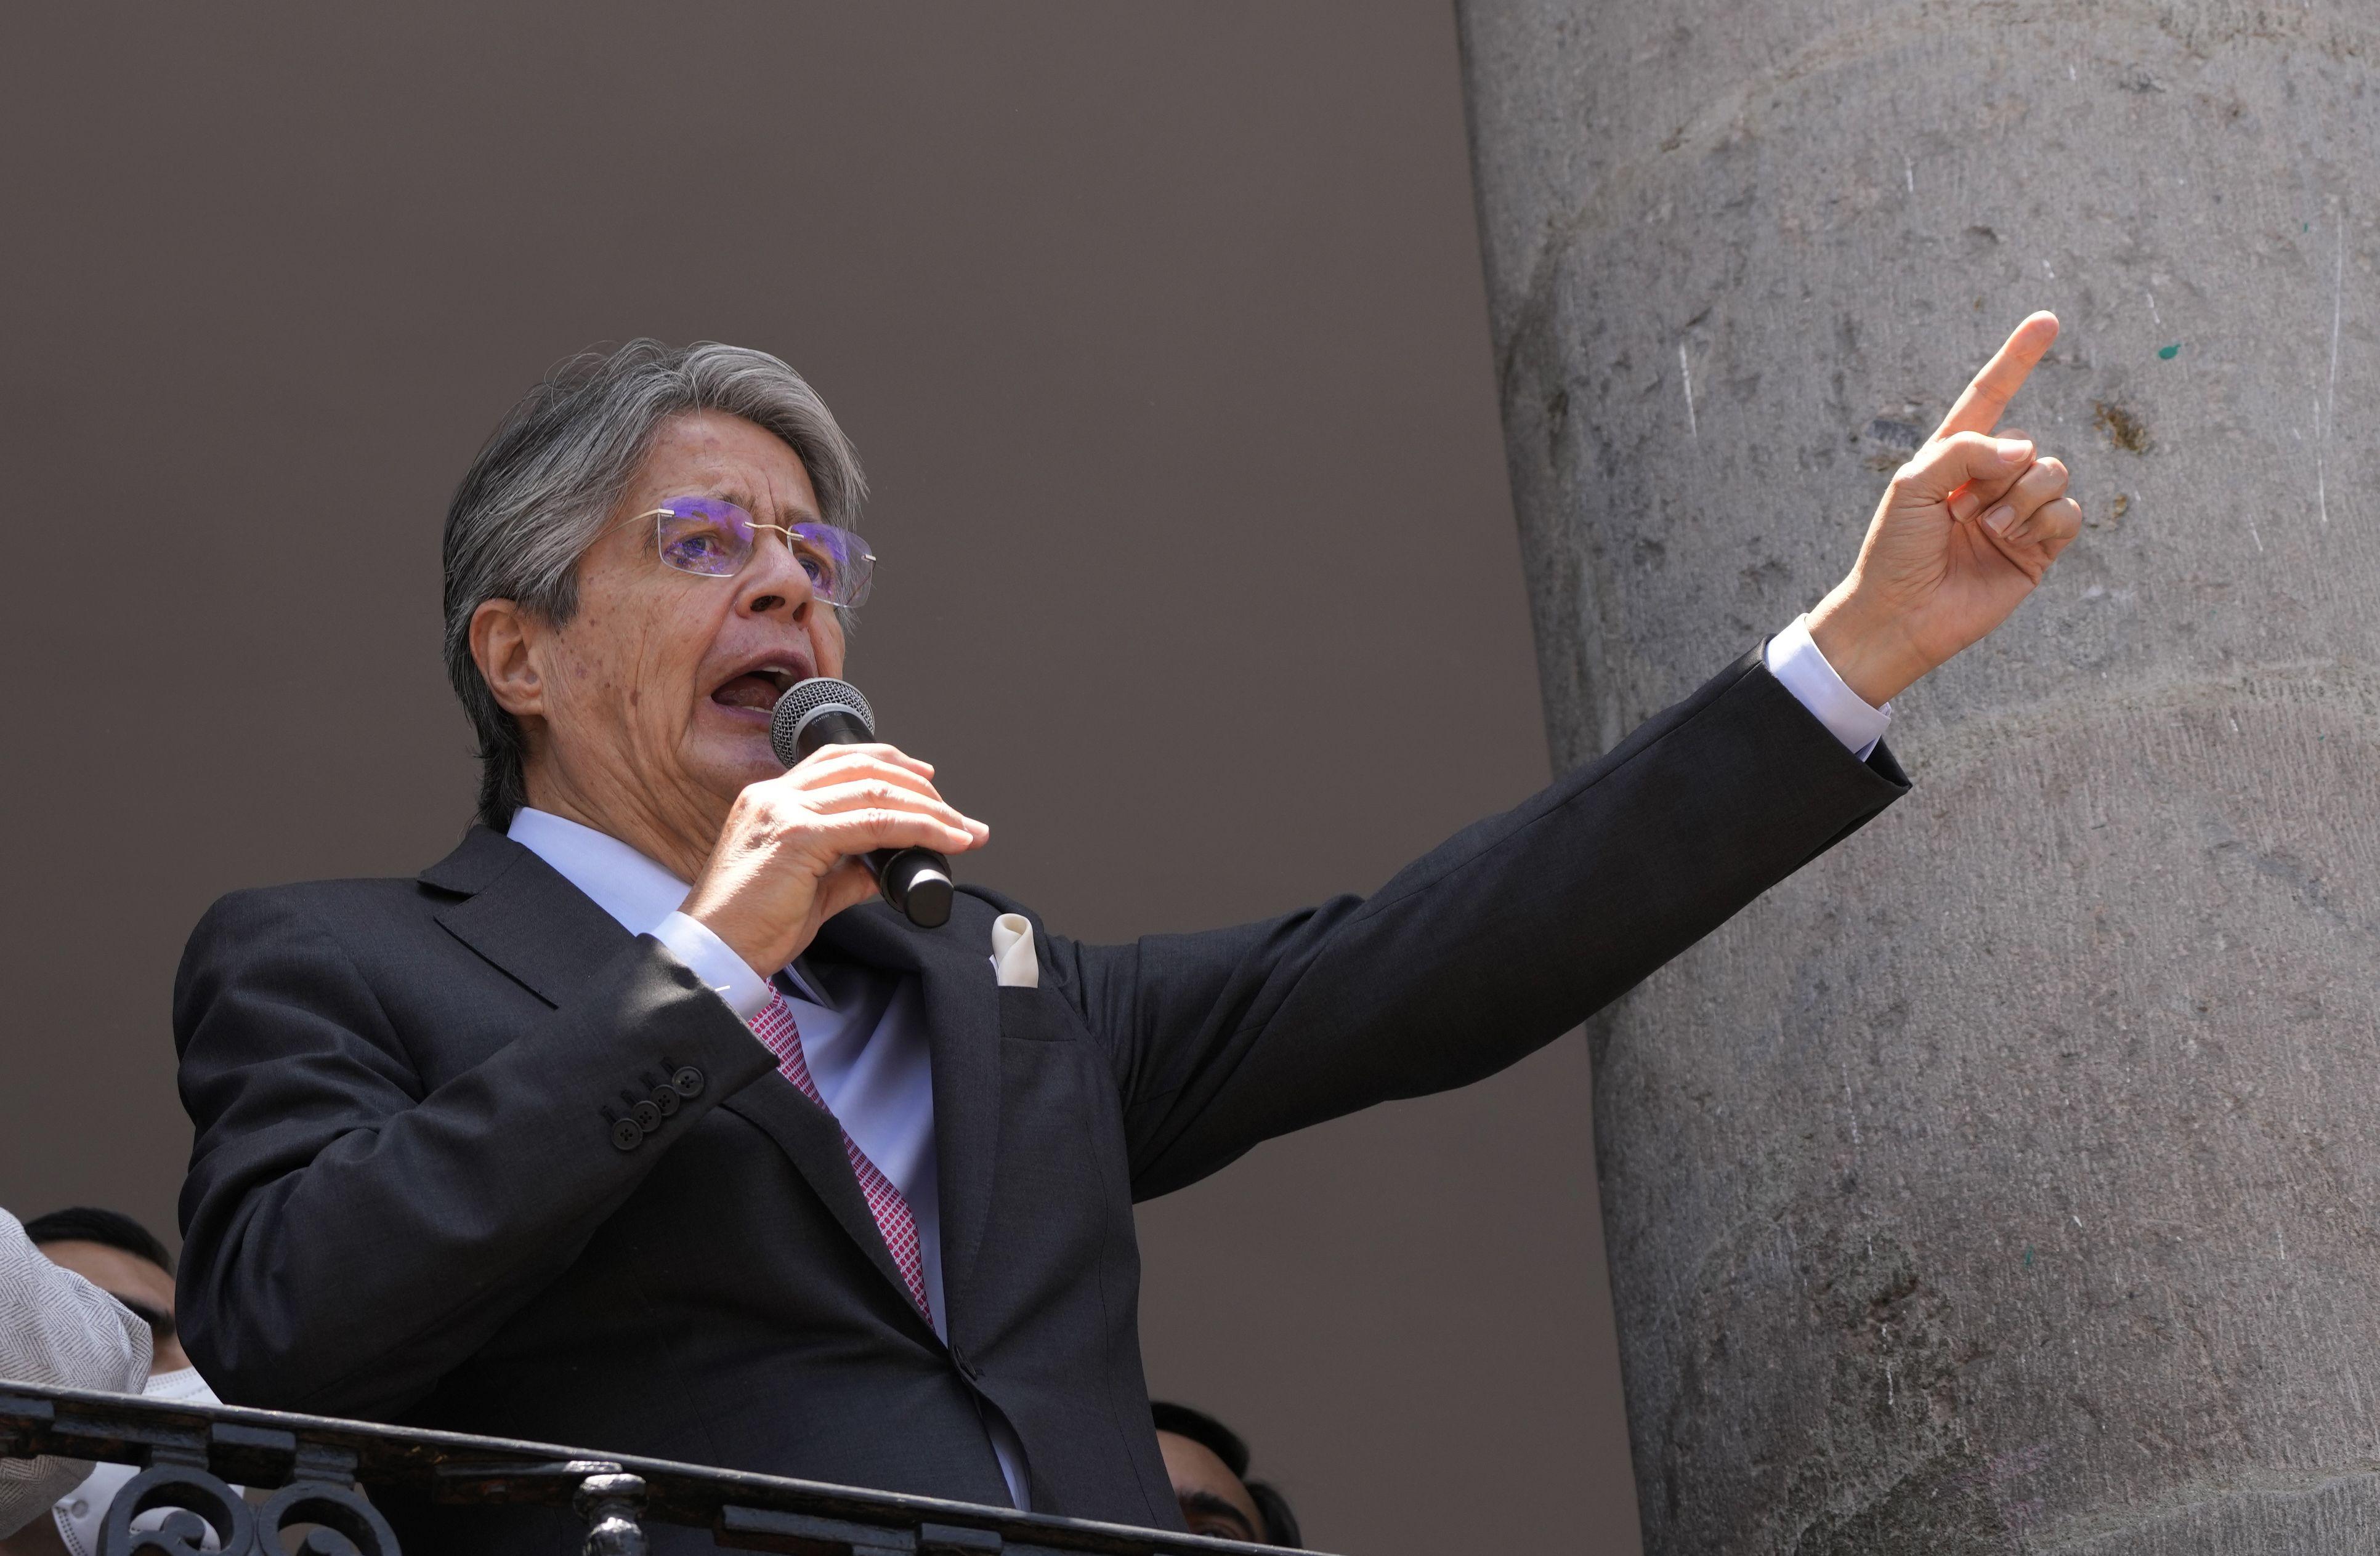 ecuador: presidente lasso decreta el estado de excepcion